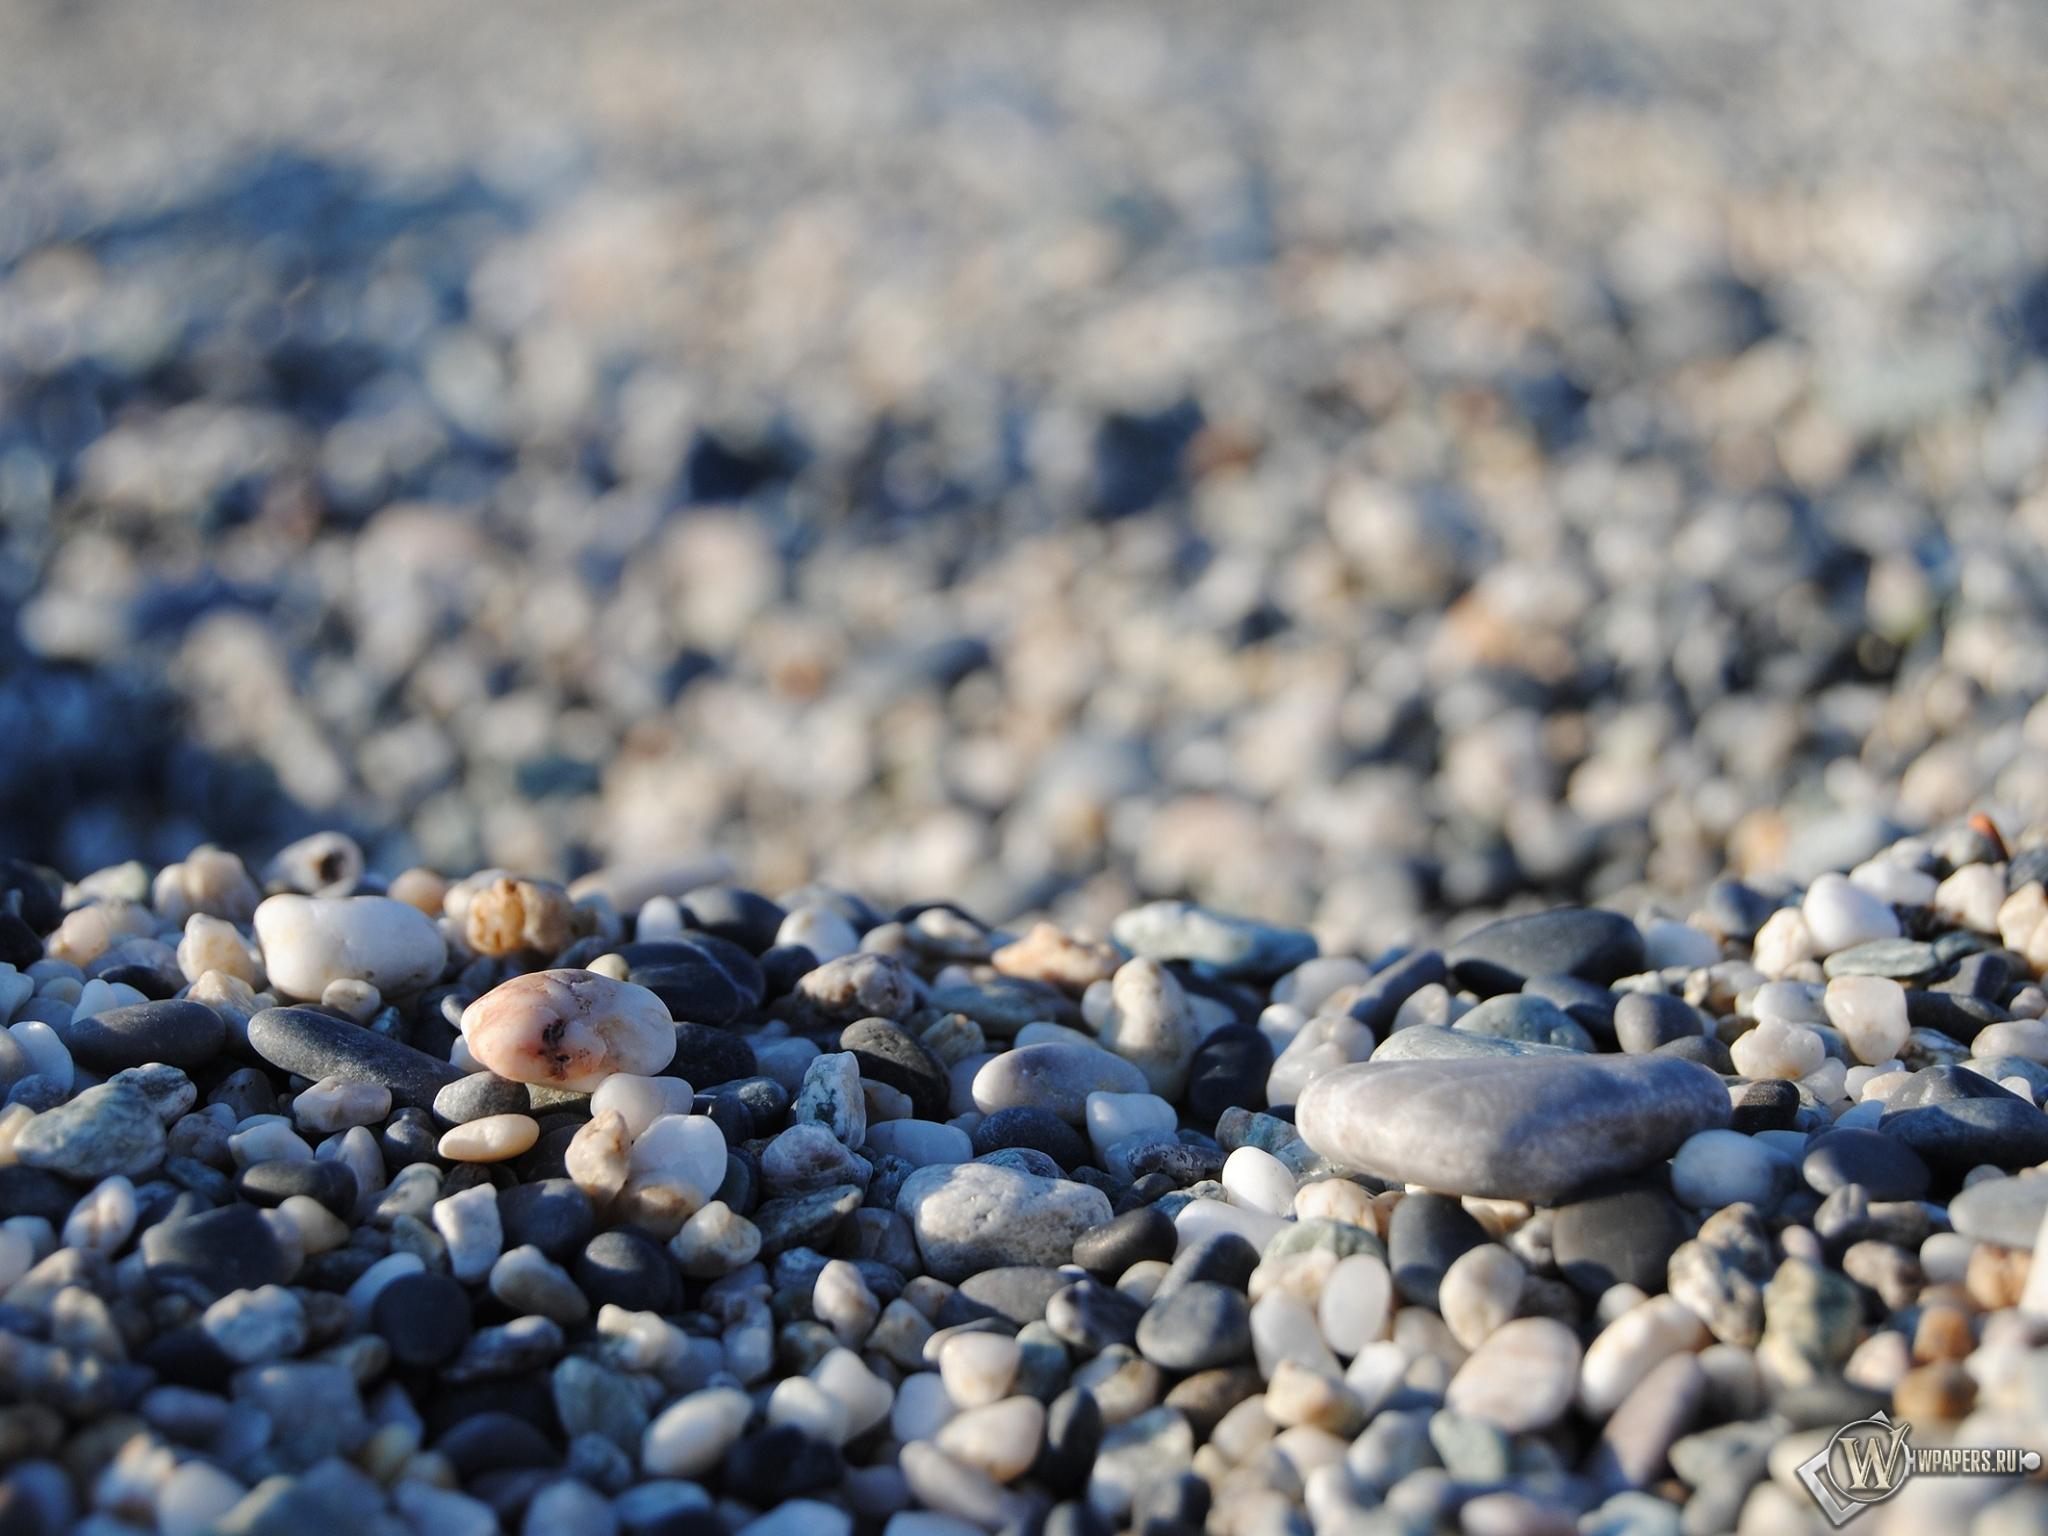 Морская галька 2048x1536